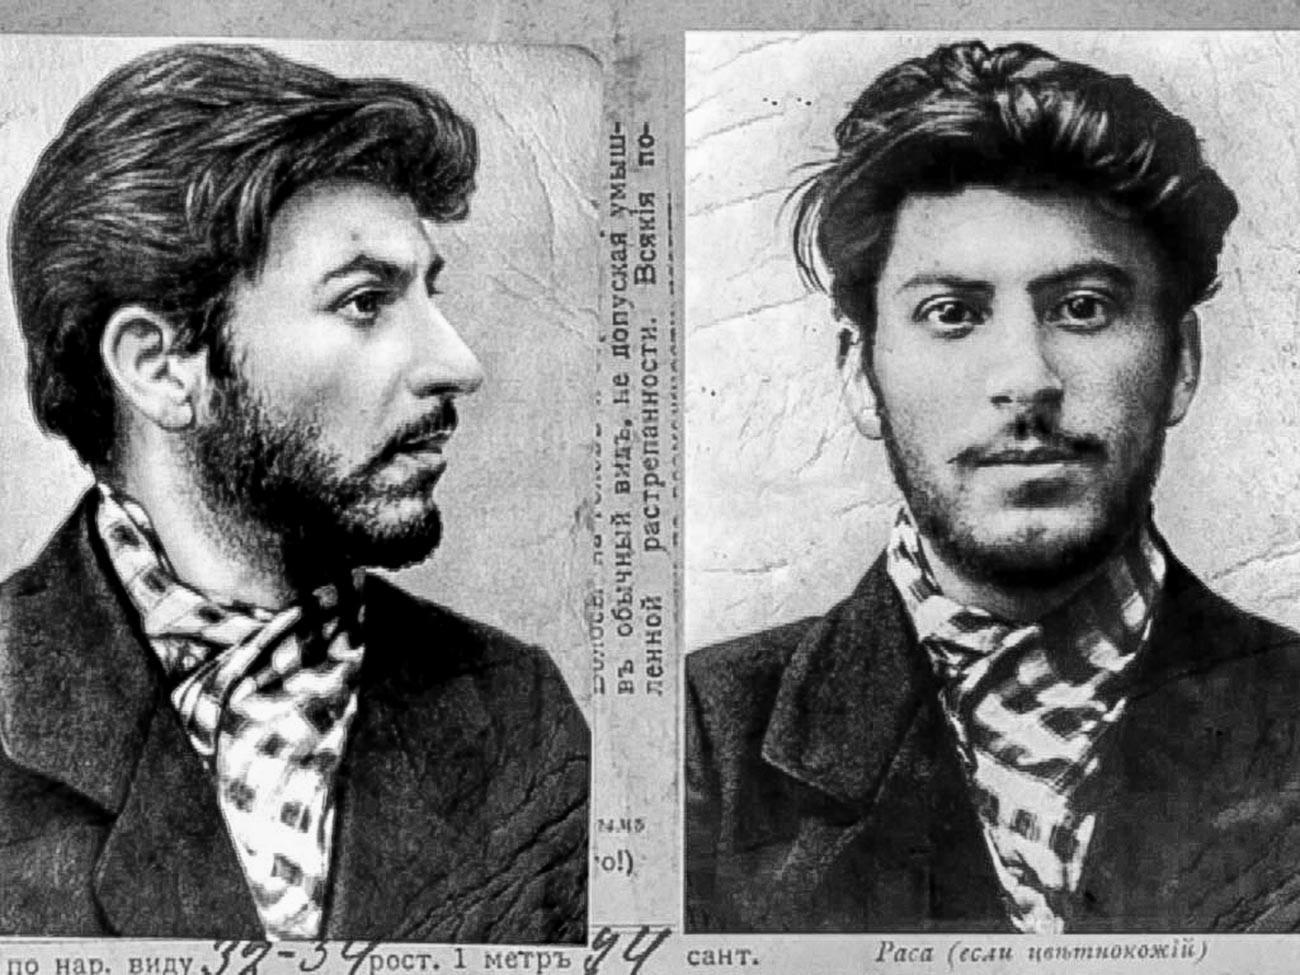 Registro policial de 1902, quando Stálin tinha 23 anos